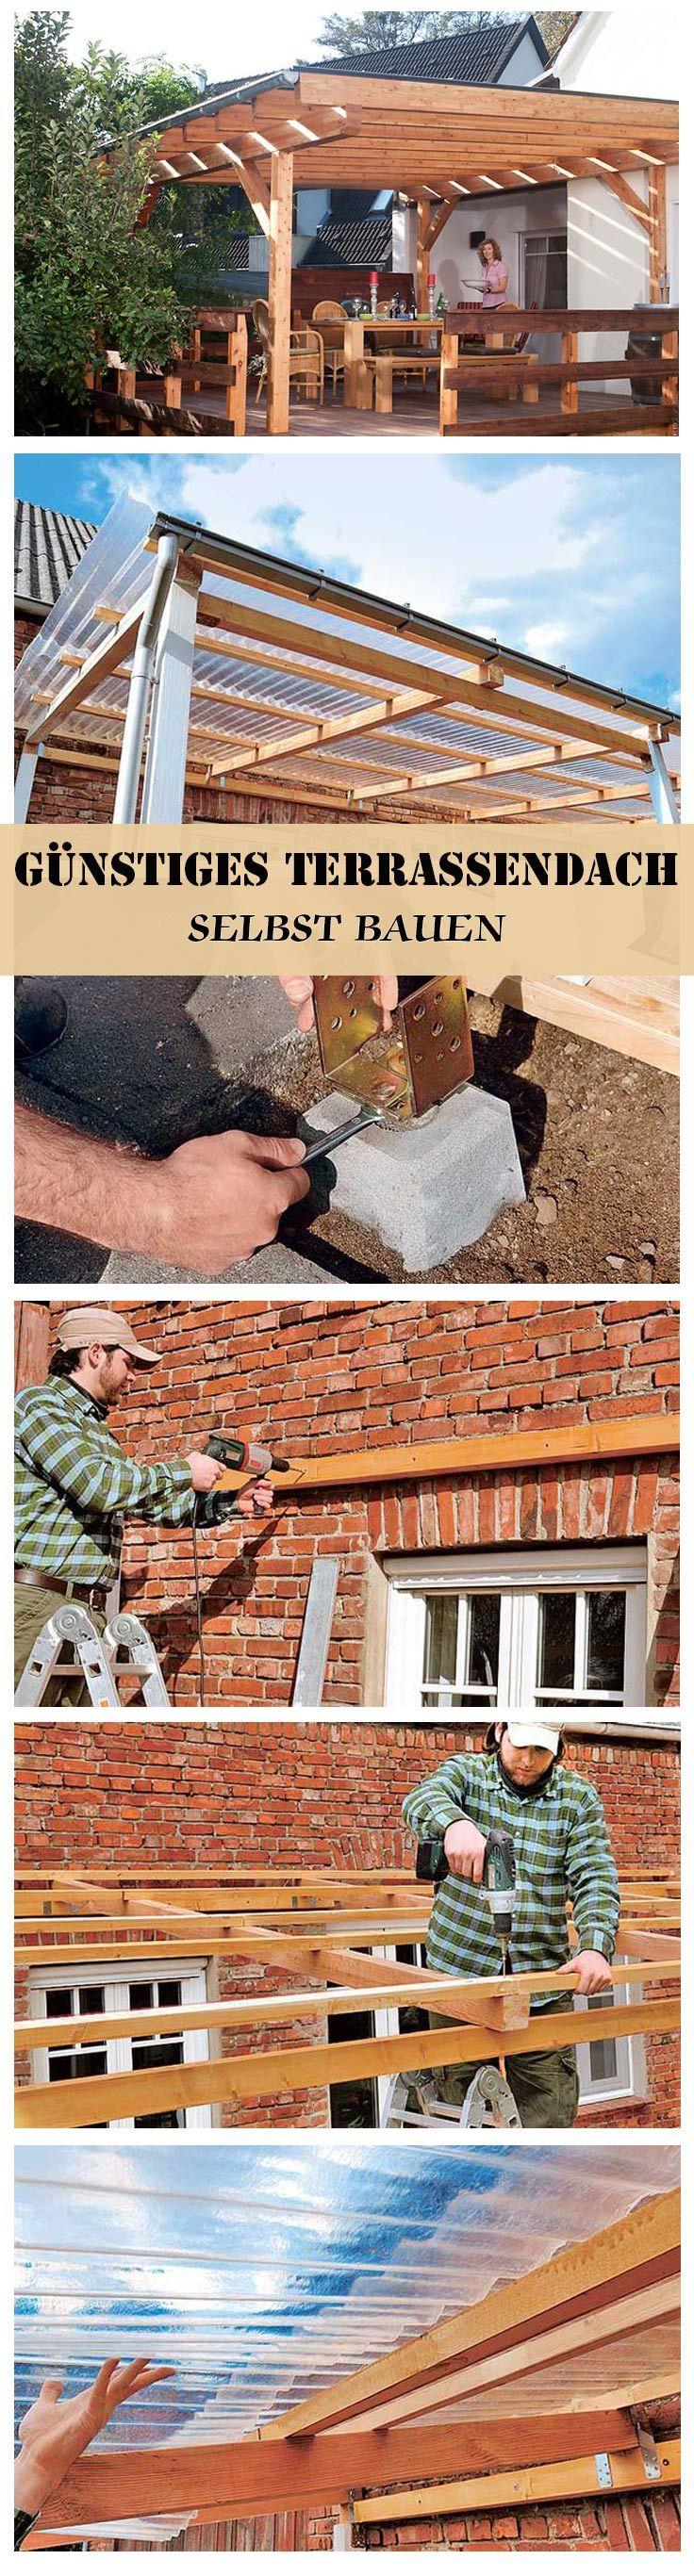 Terrassenüberdachung | Pinterest | Terrassendach, Selbst bauen und ...